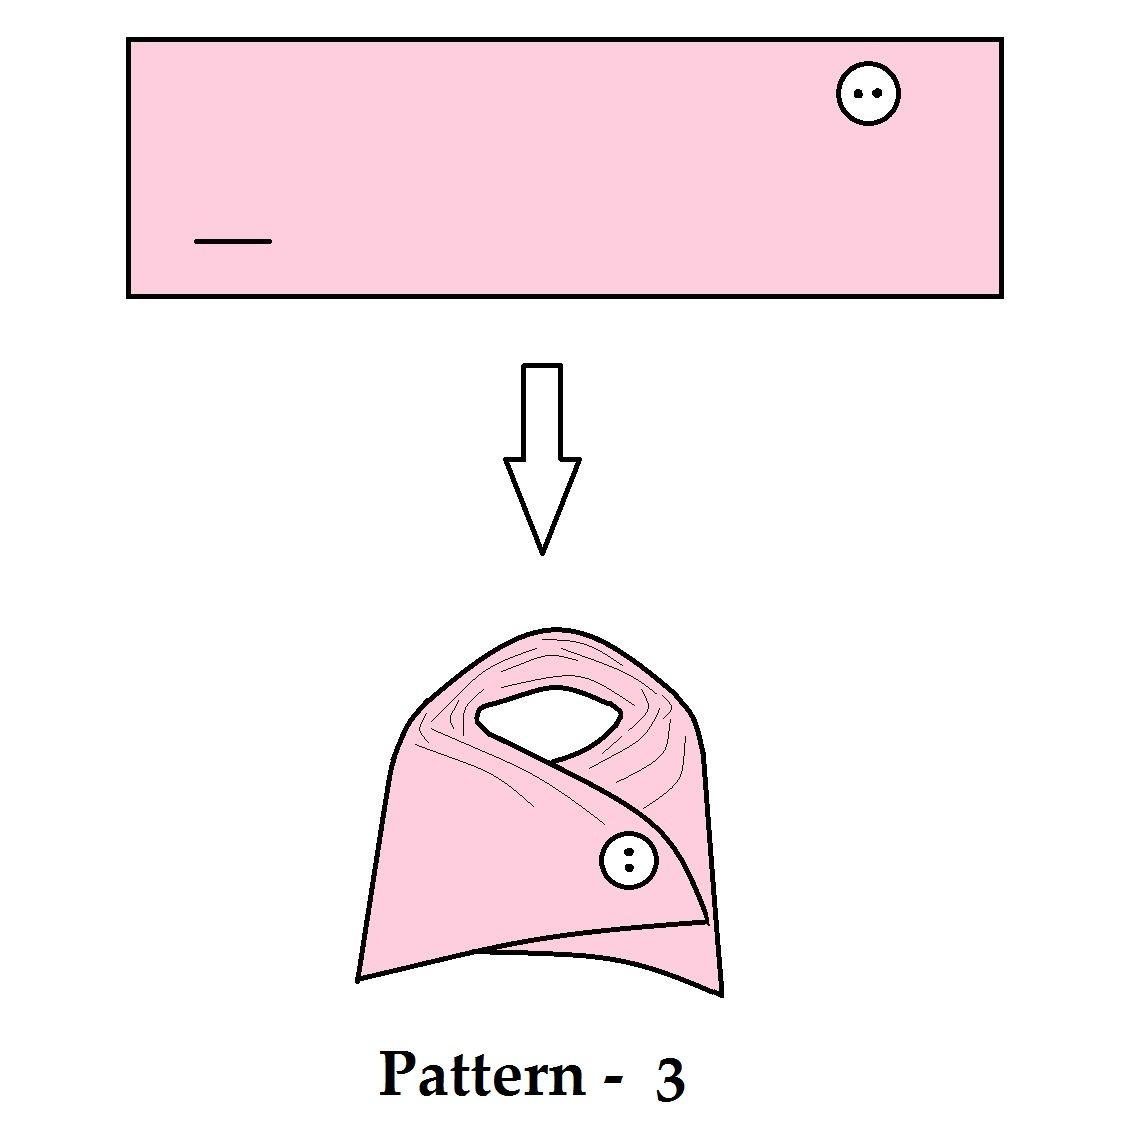 Pin von StitchesnQuilts auf Technique | Pinterest | Nähen, Schals ...